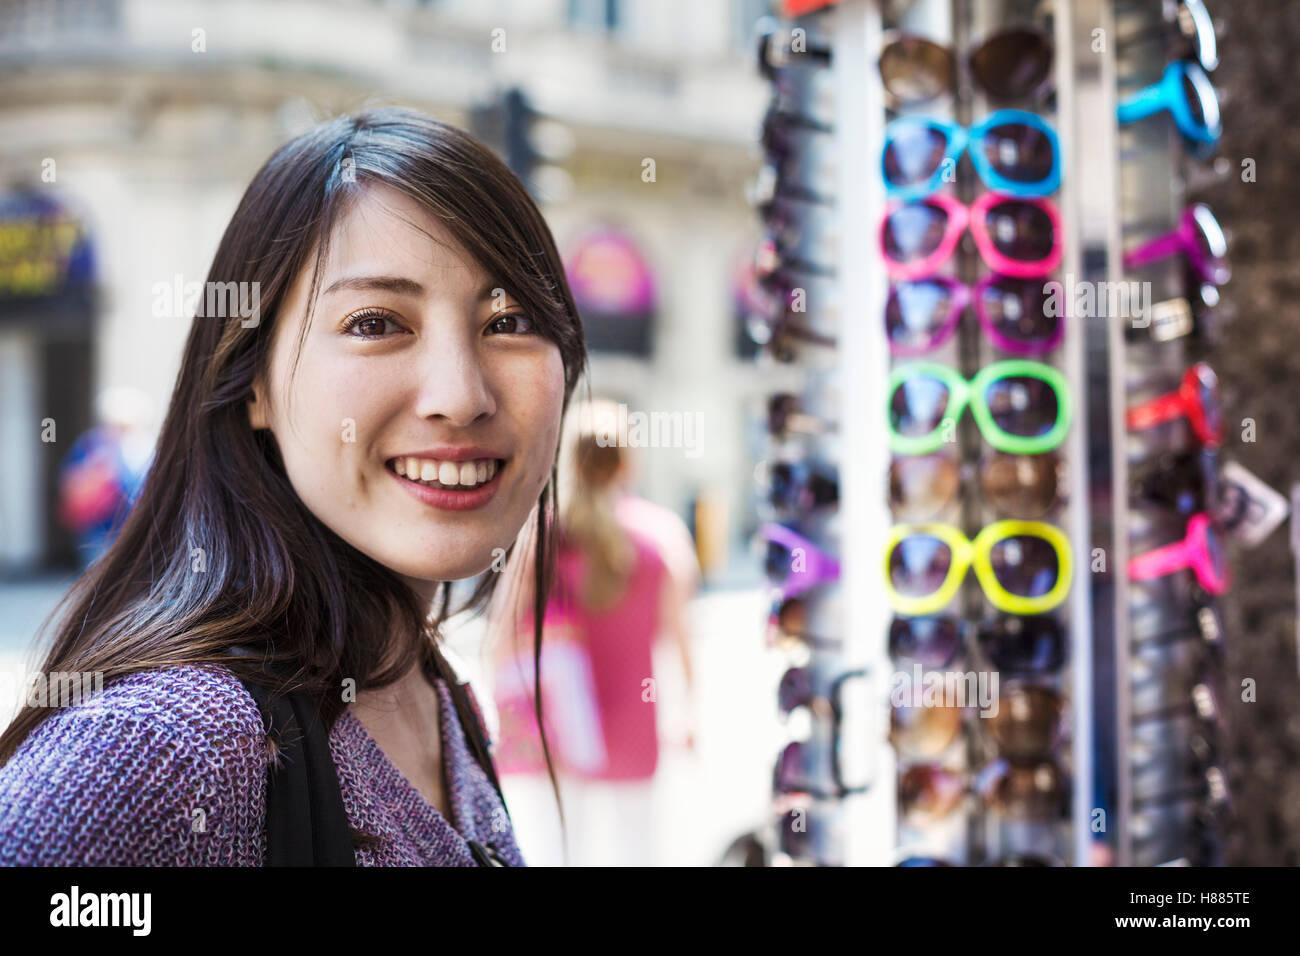 Una donna giapponese cercando su occhiali da sole a Londra, turismo estivo di visitatore. Immagini Stock